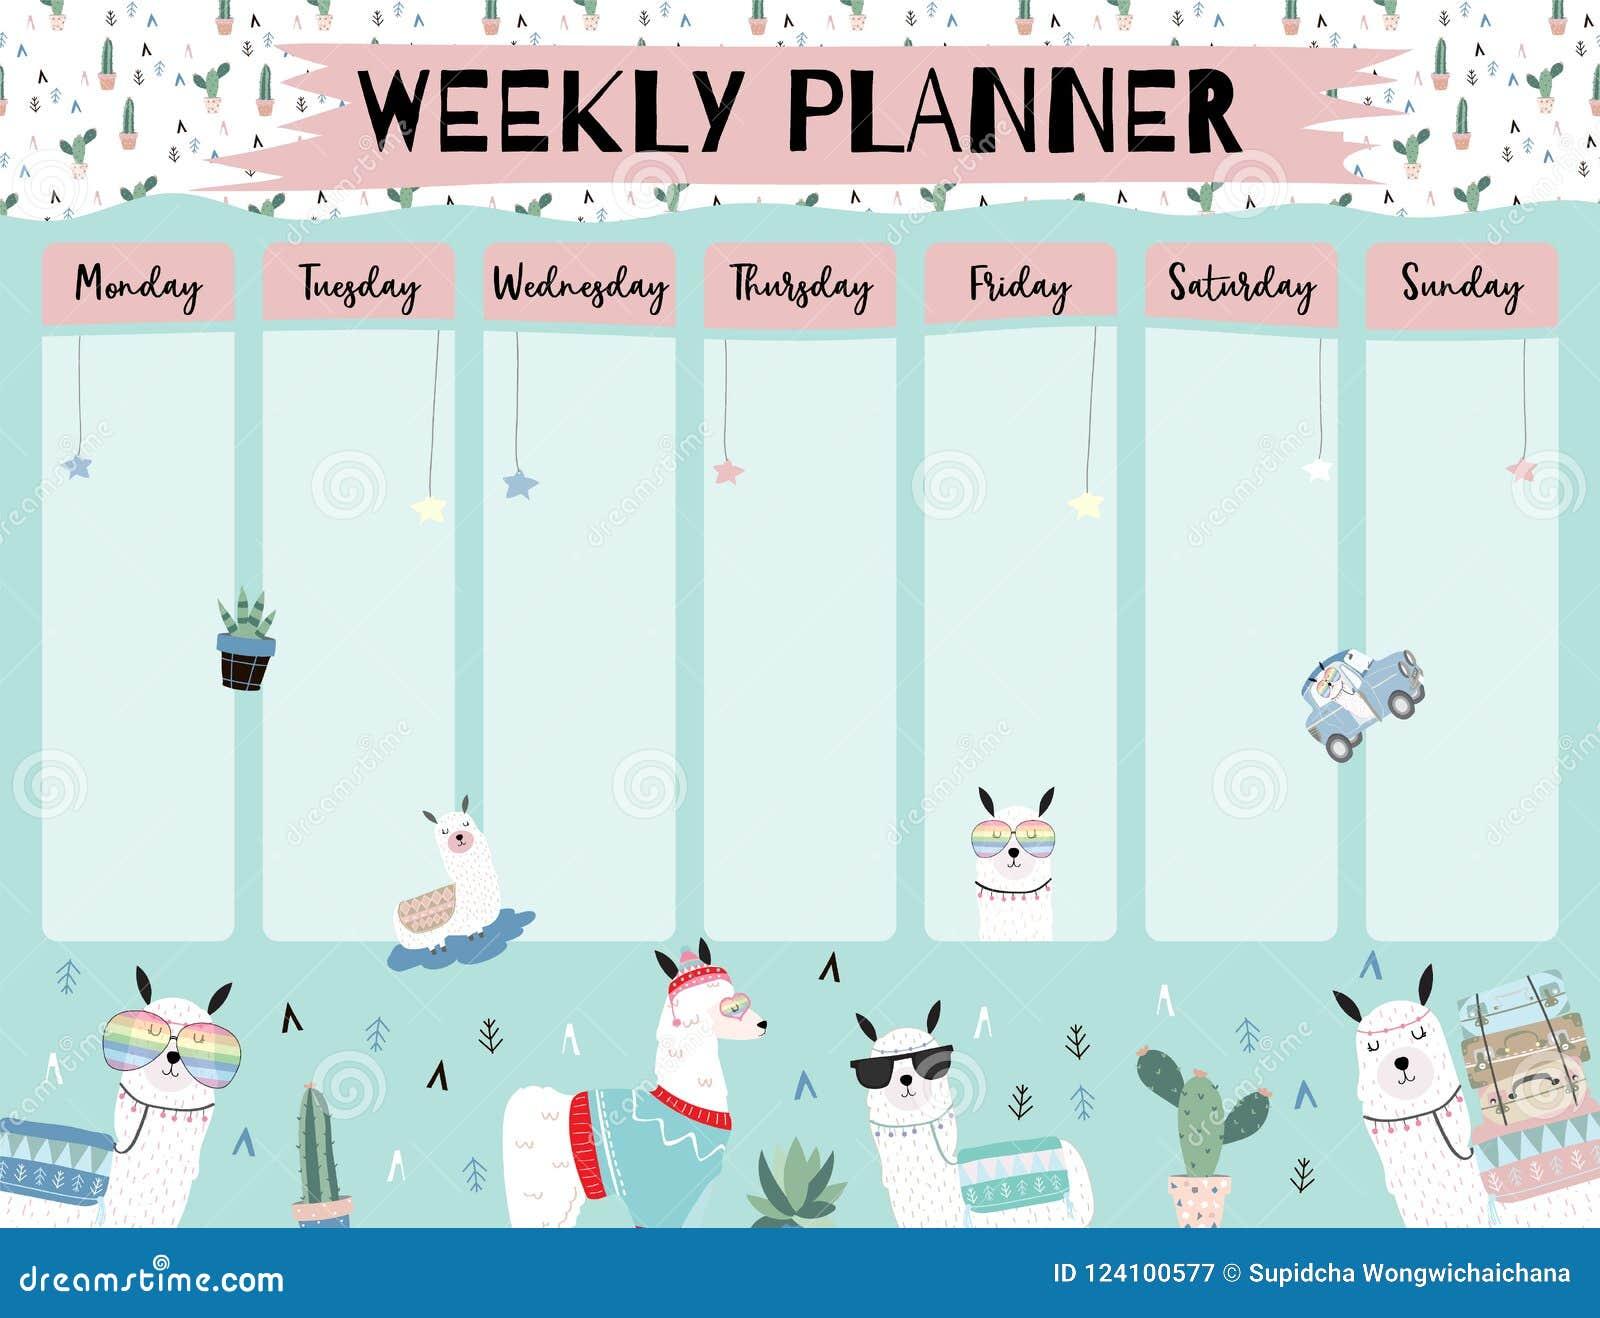 Pastel Weekly Calendar Planner With Llama Alpaca Cactus